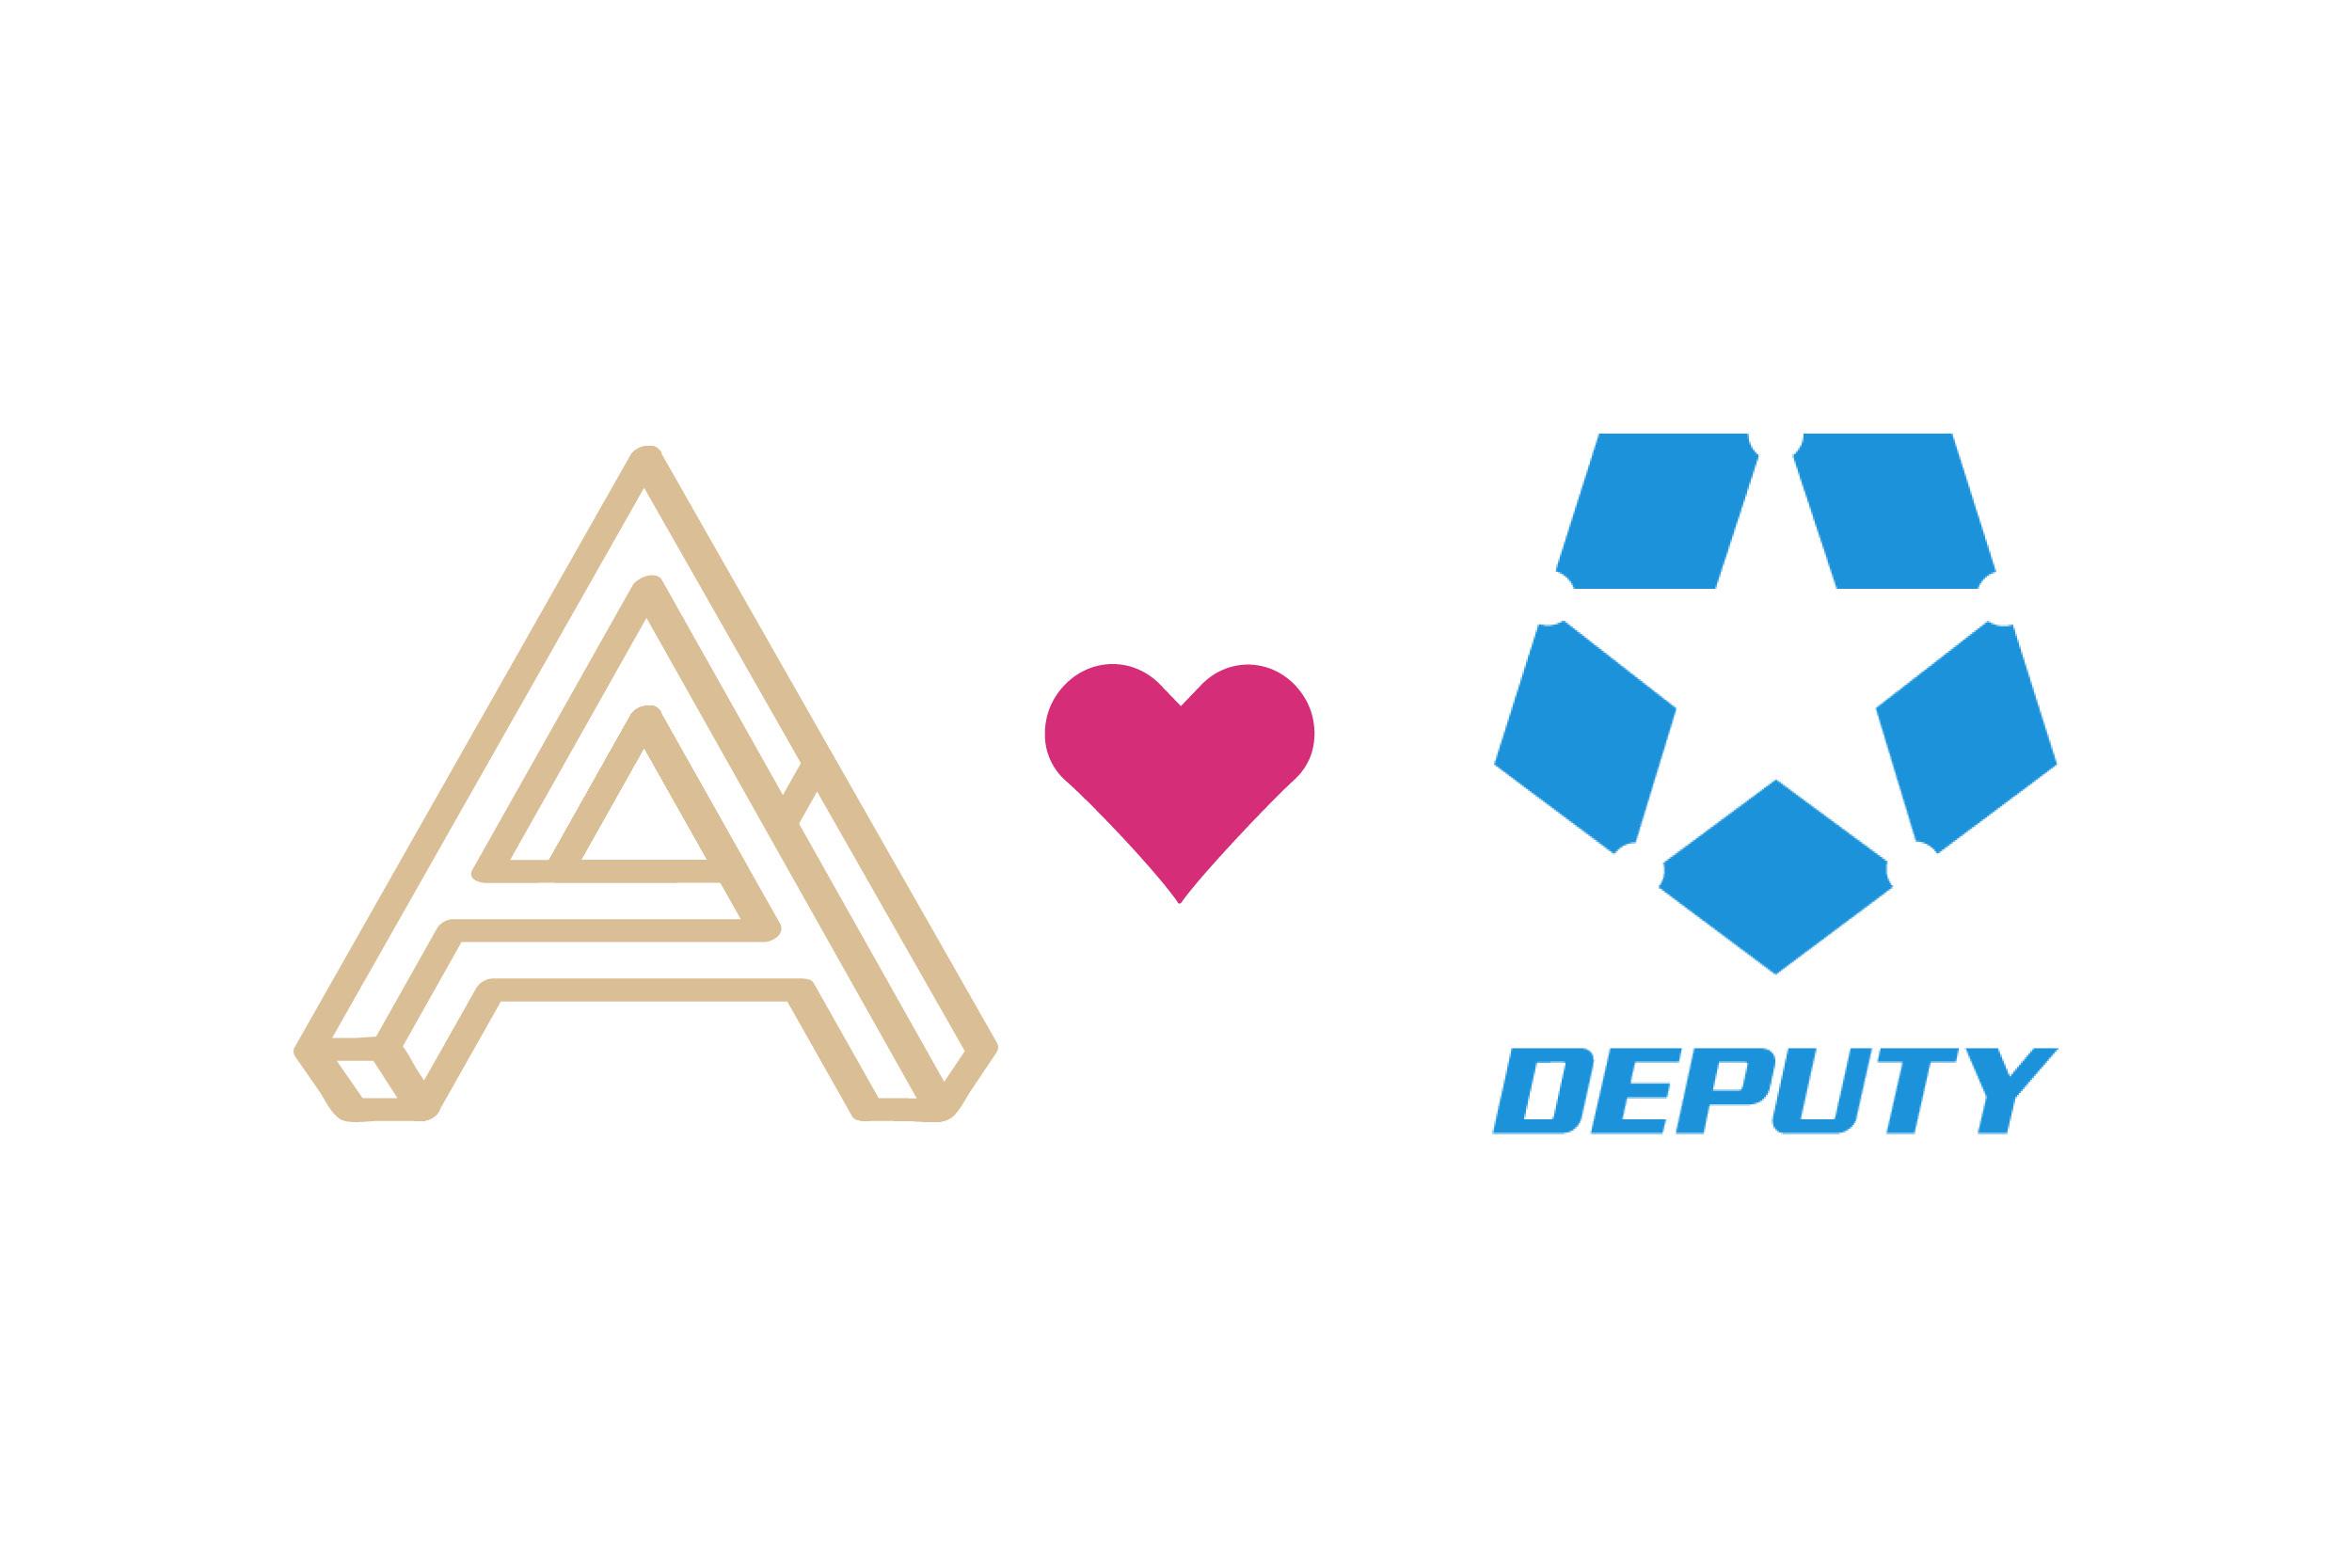 Deputy - Alluvia Financial